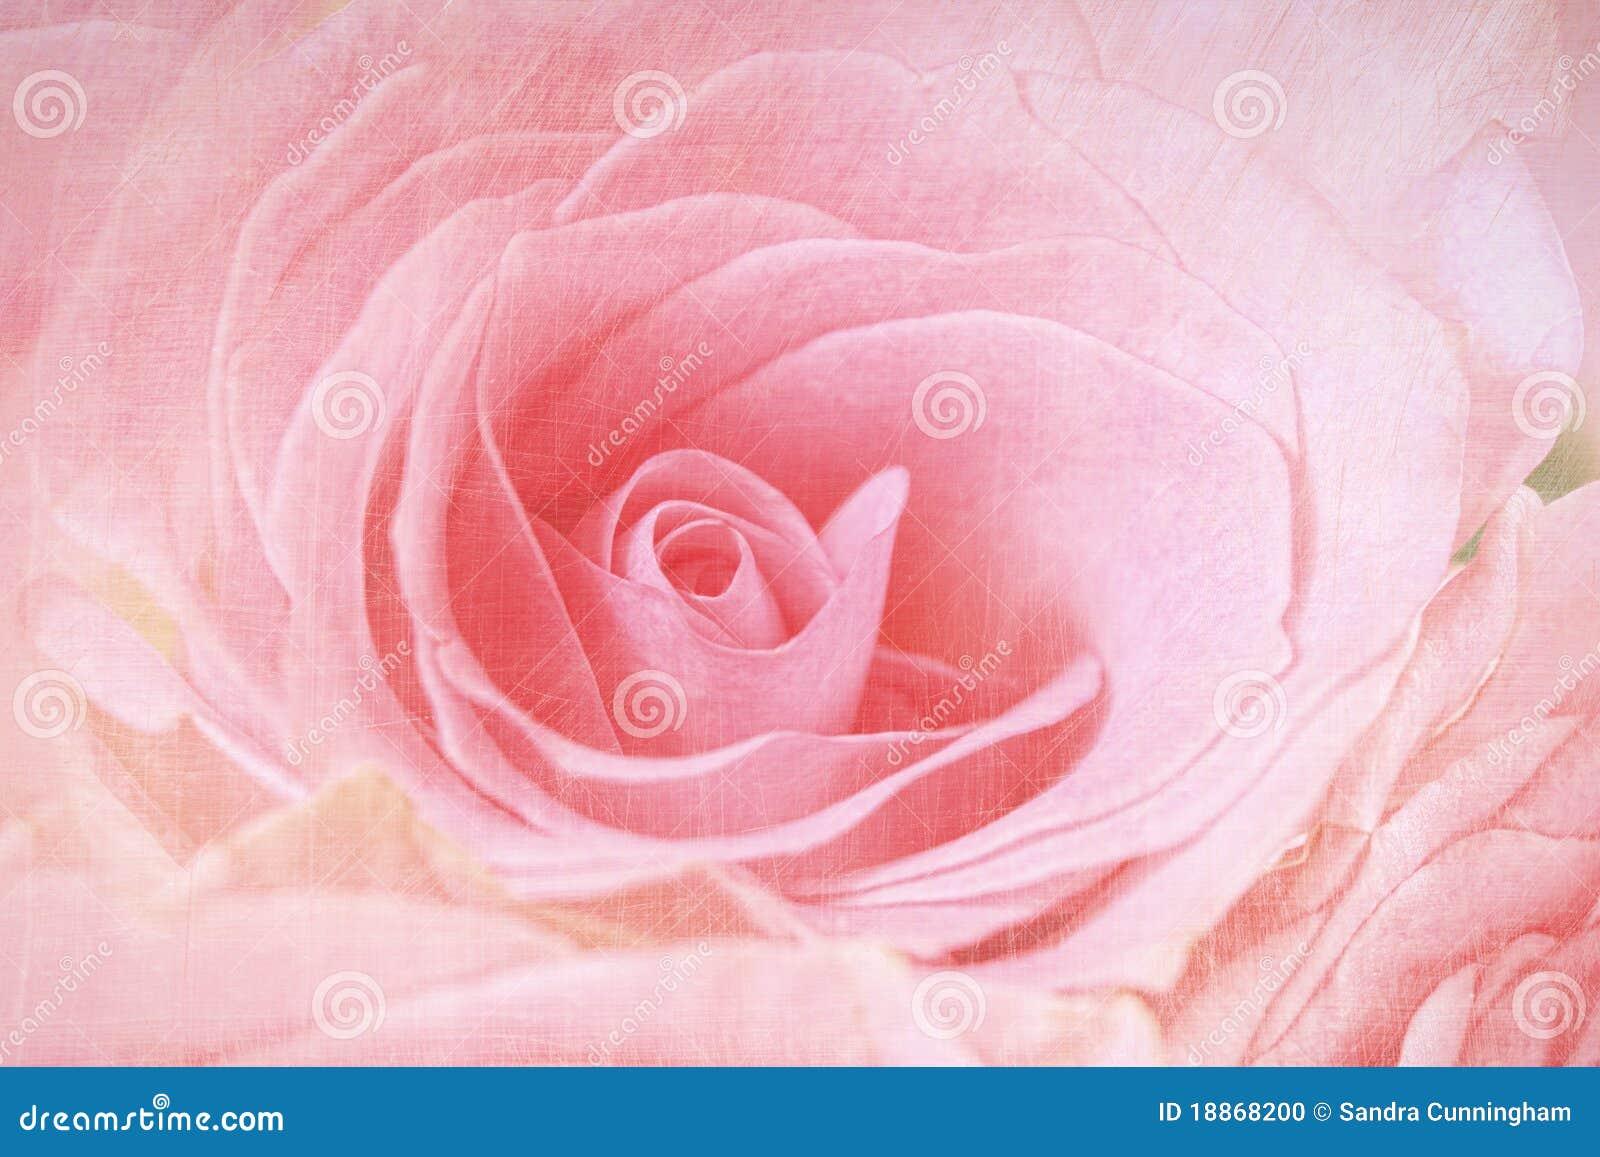 De close-up van roze nam toe